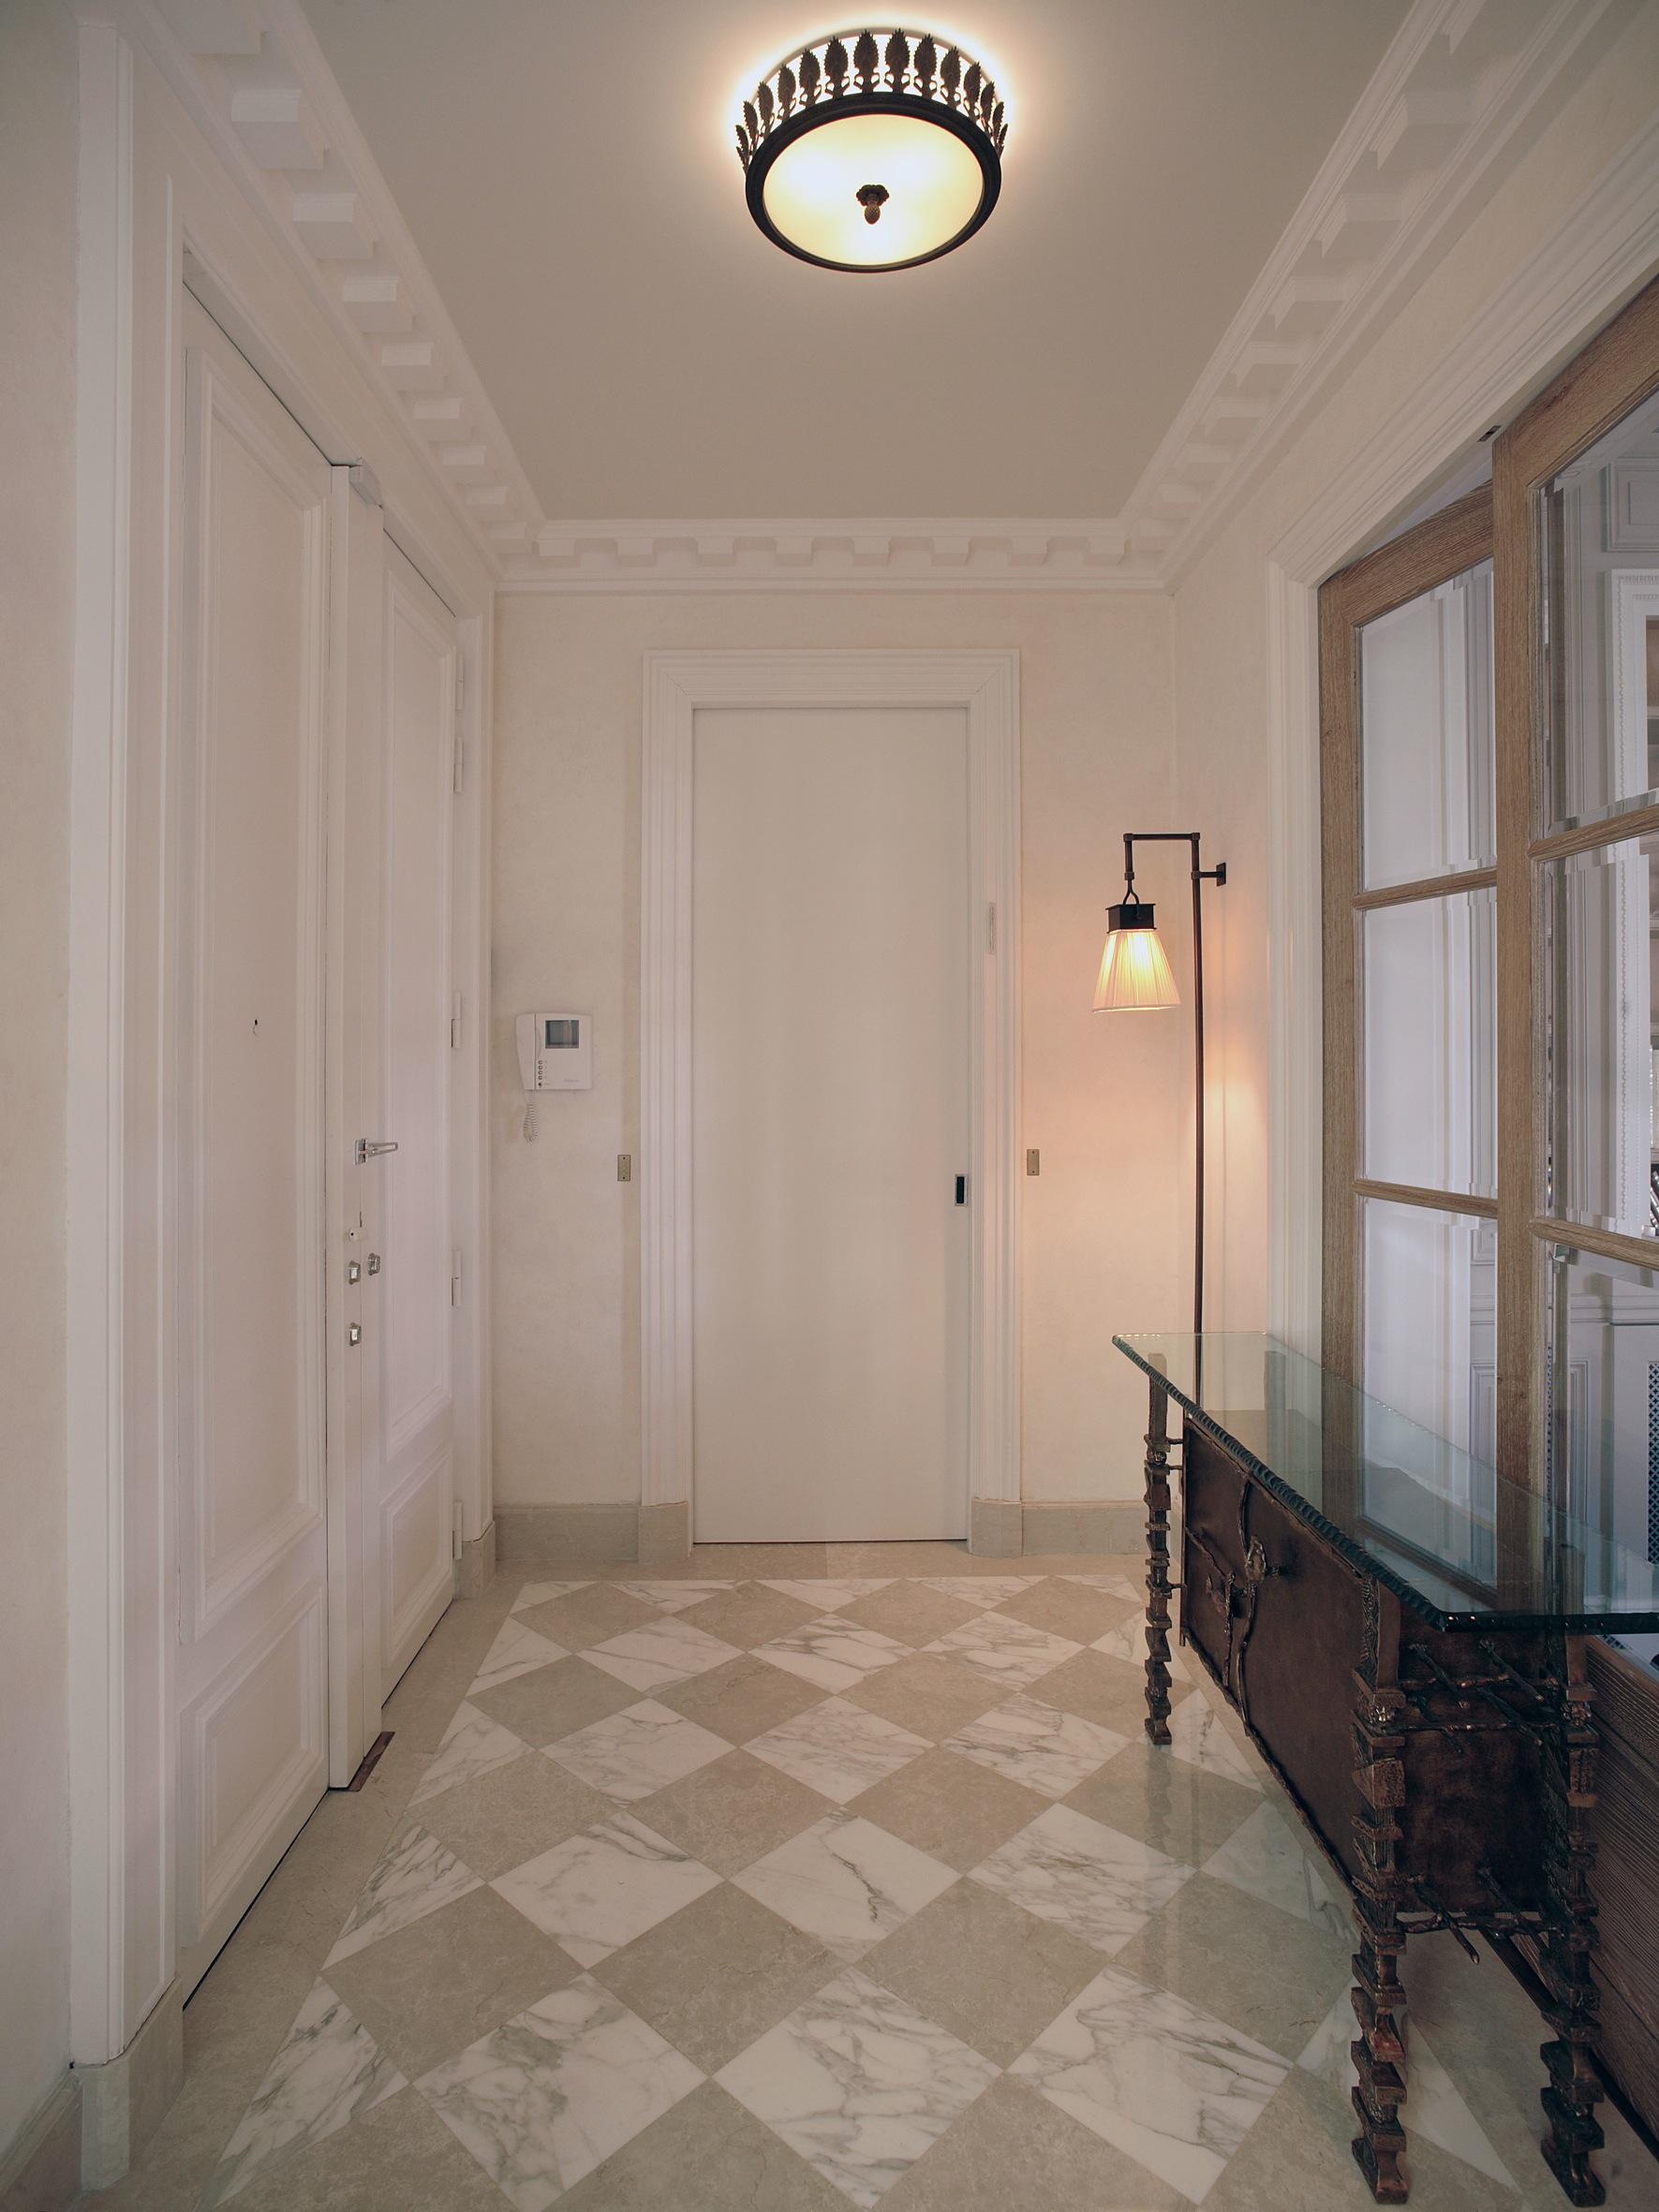 Couloir. Réalisation de l'architecte d'intérieur Olivier Berni.